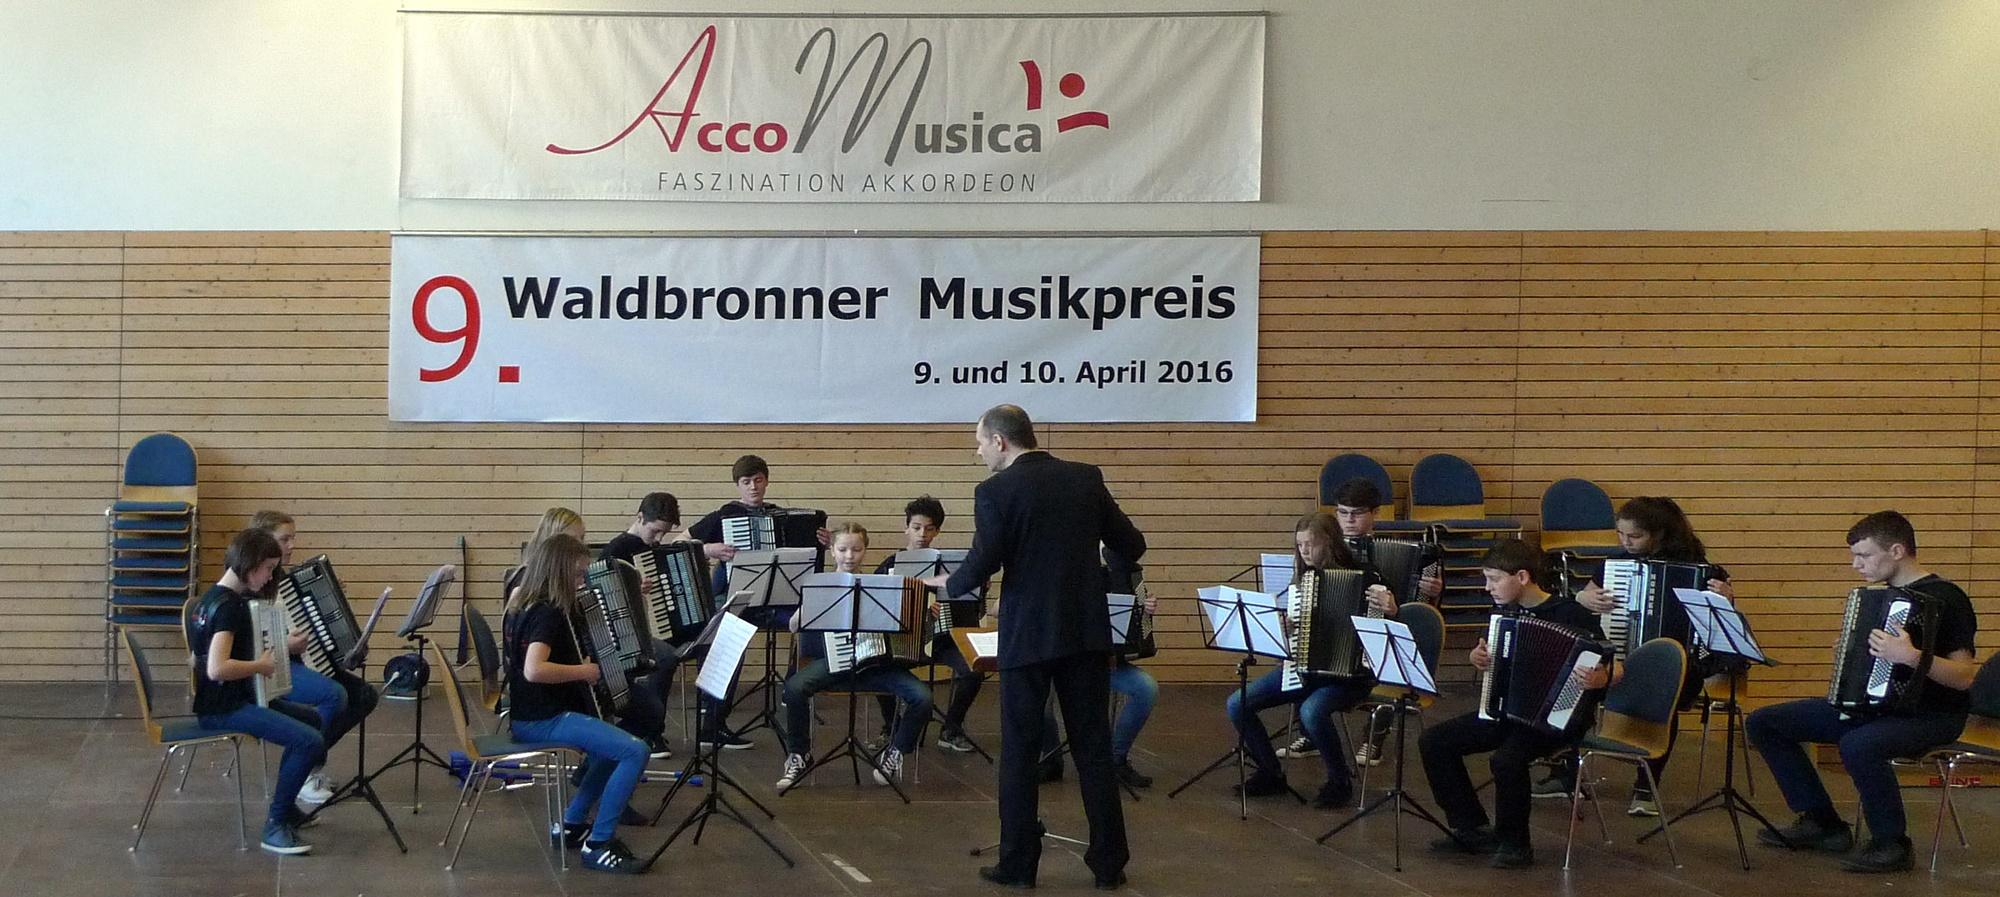 Das Jugendorchester von AccoMusica beim Vortrag. Dirigent: Uwe Müller